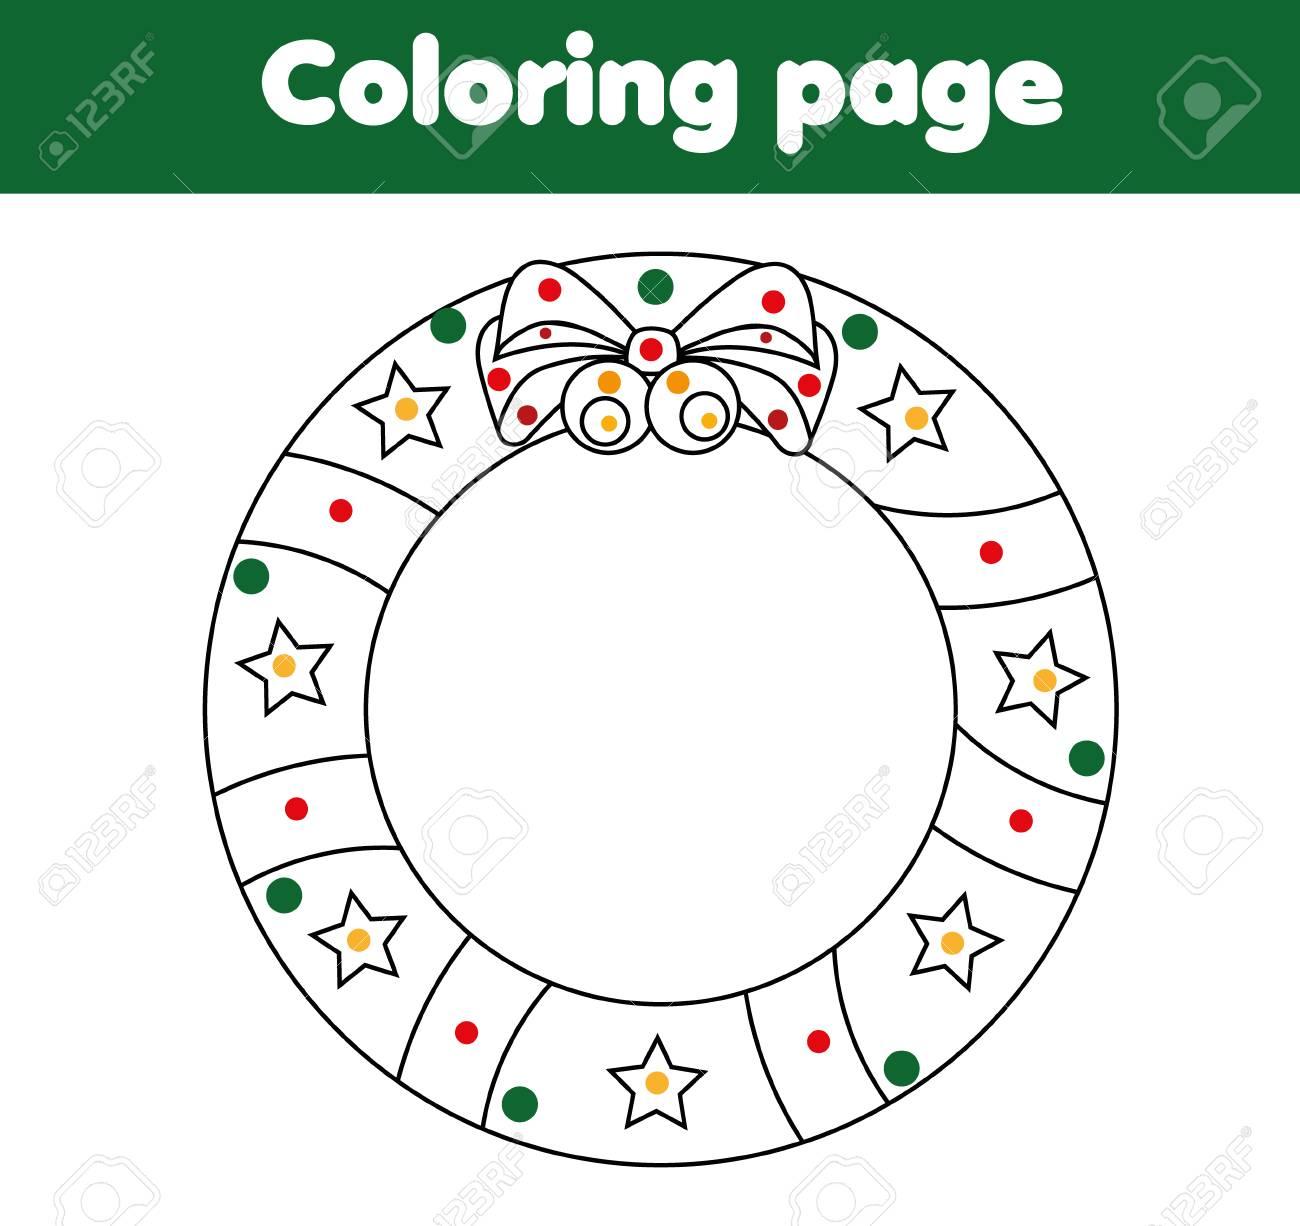 Pagina Da Colorare Per Bambini Con Ghirlanda Di Natale Attività Di Disegno Foglio Di Lavoro Stampabile Per Giochi Per Bambini